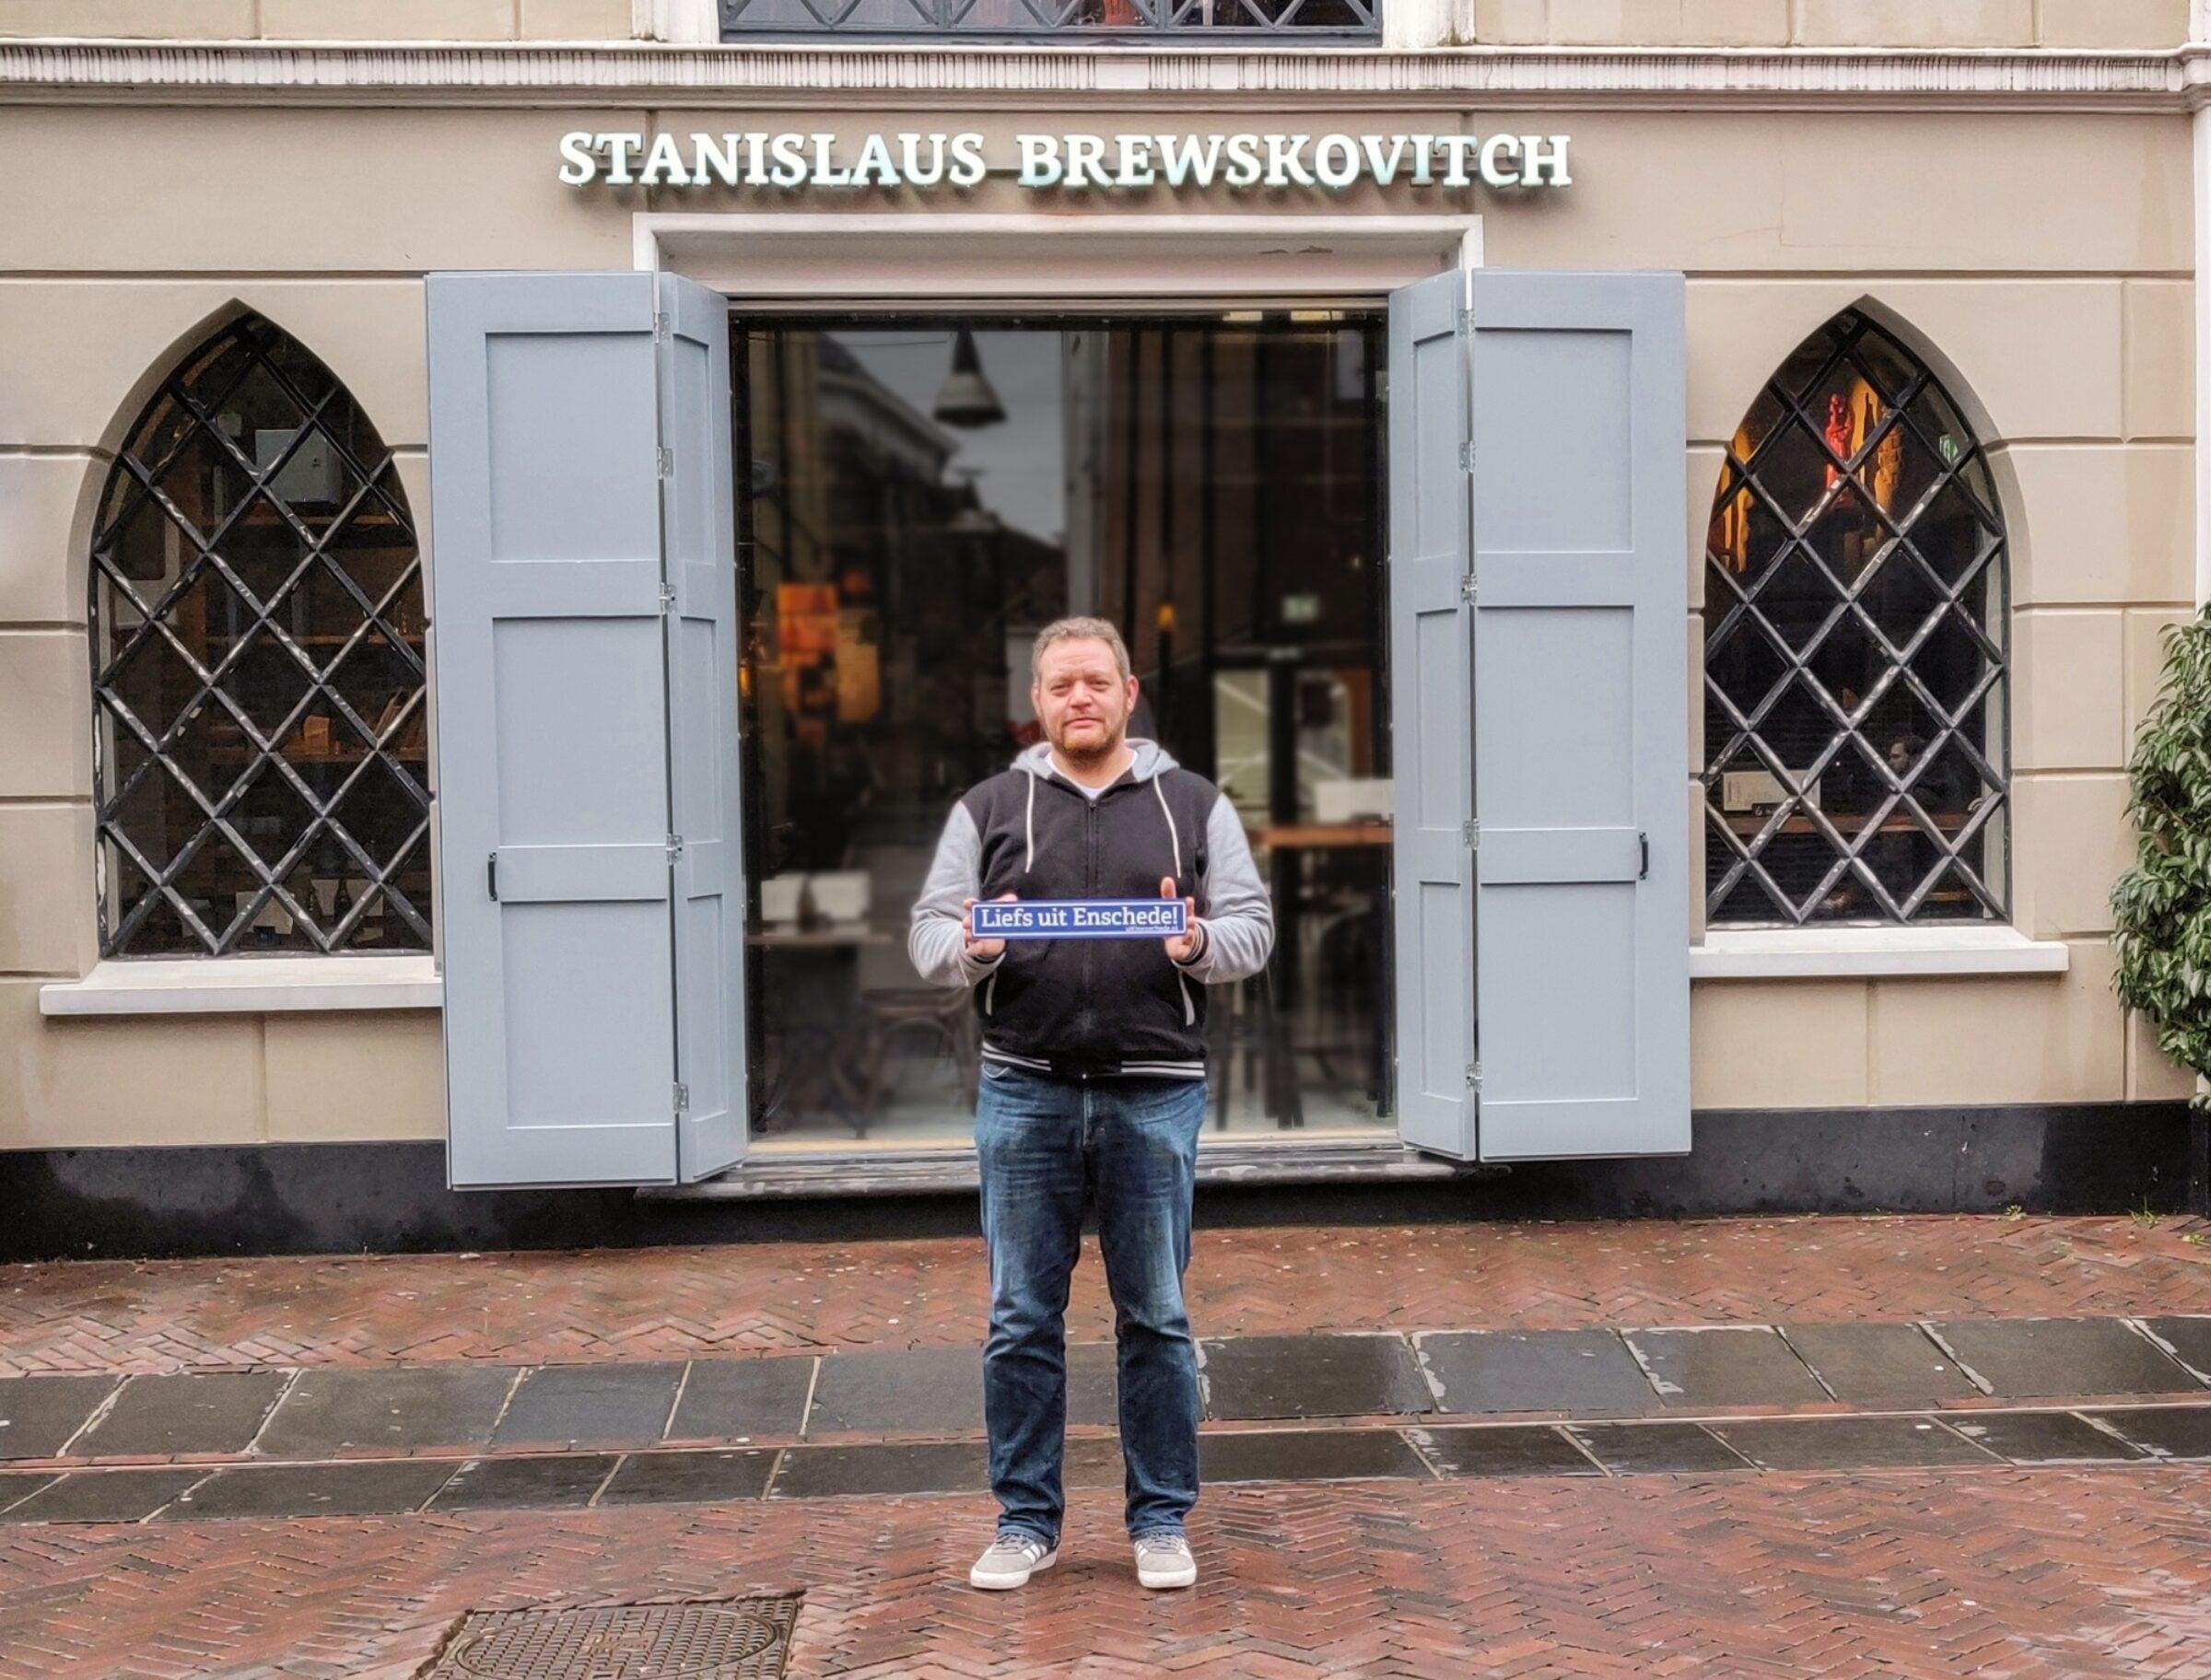 Liefs uit Enschede stanislaus Brewskovitch 2980 1558344965 mtime3 D20190520113609